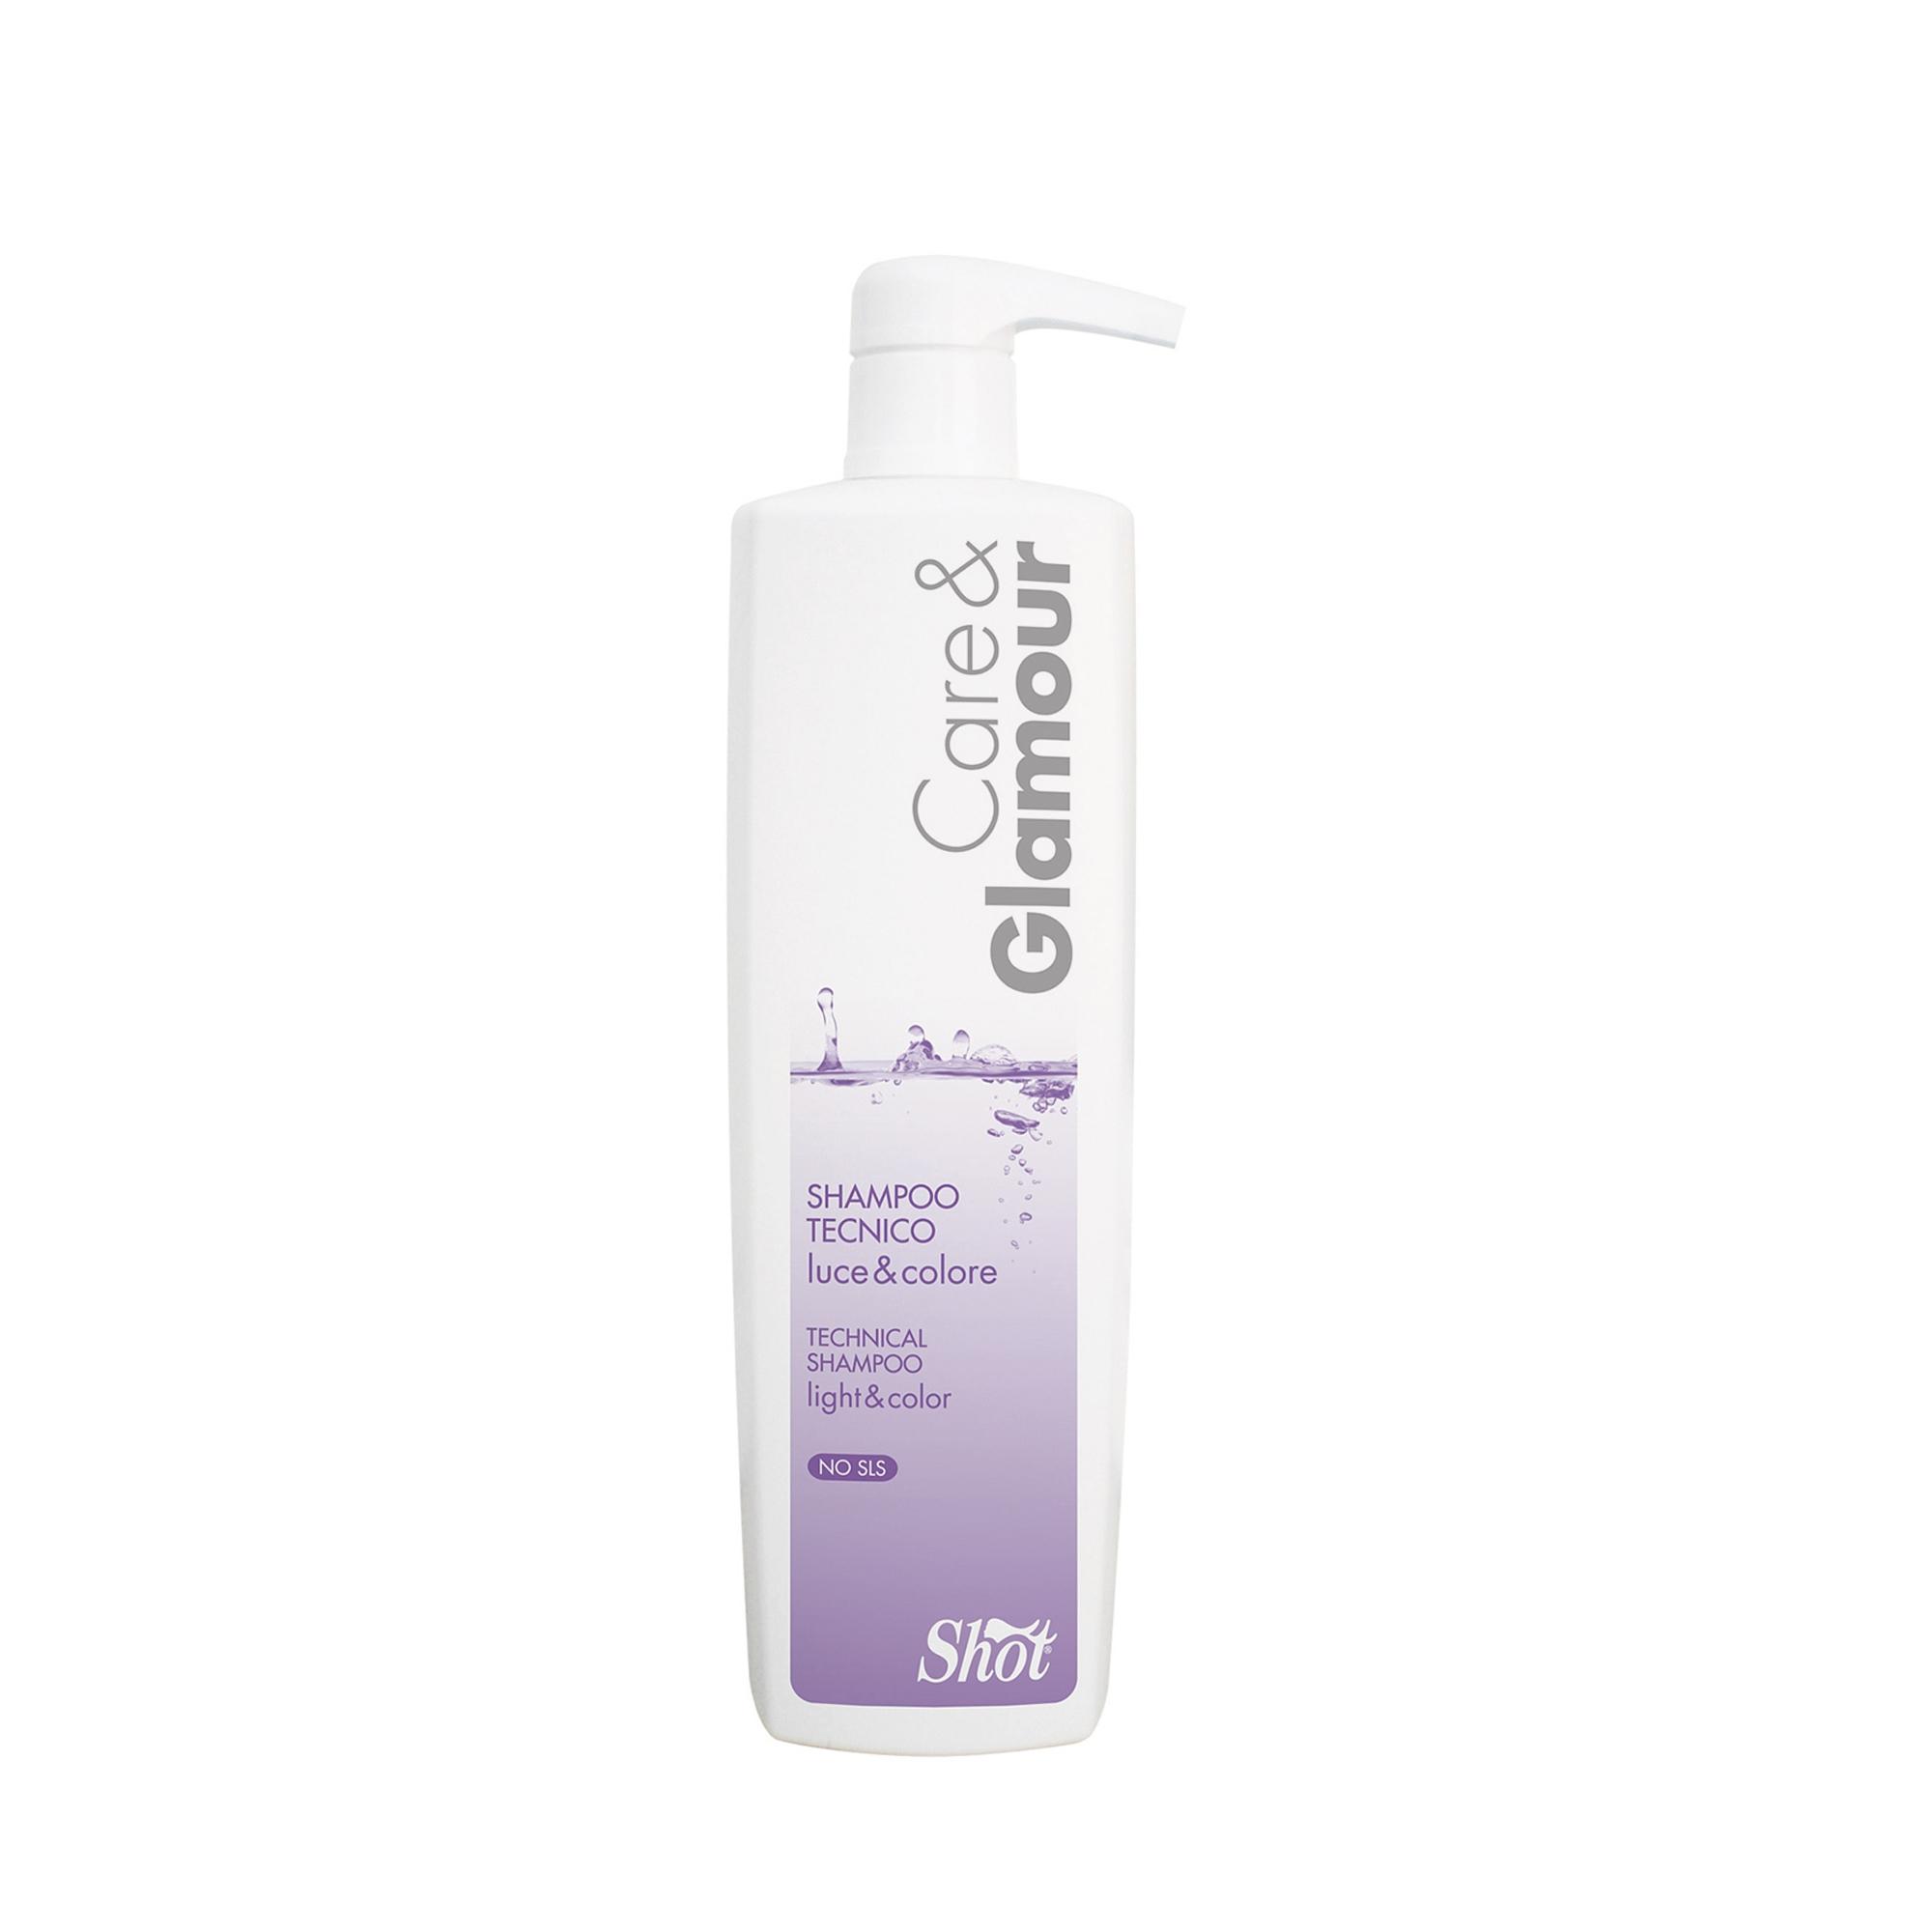 SHOT Шампунь технический для блеска и стойкости цвета / SHOT CARE &amp; GLAMOUR 1000 млШампуни<br>Придает волосам блеск и шелковистость, не утяжеляет. Является финишным продуктом в создании прически. Активные ингредиенты: ухаживающие компоненты . Способ применения: распылить на волосы на расстоянии 20-30 см.<br><br>Типы волос: Для всех типов